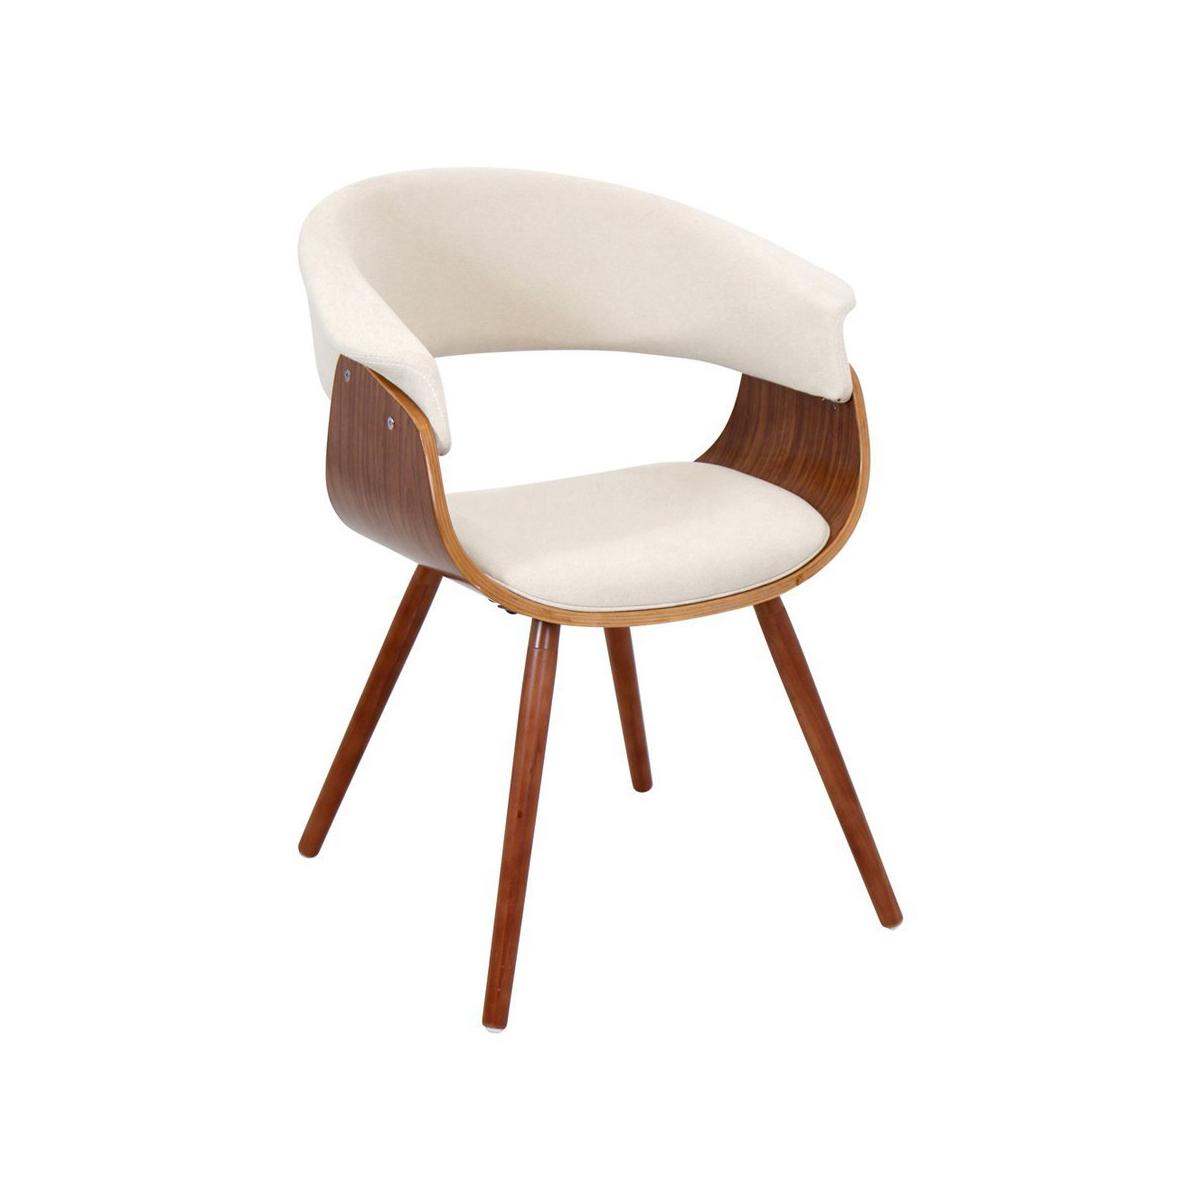 D754 06a: Claure Austin Lover Round Chair